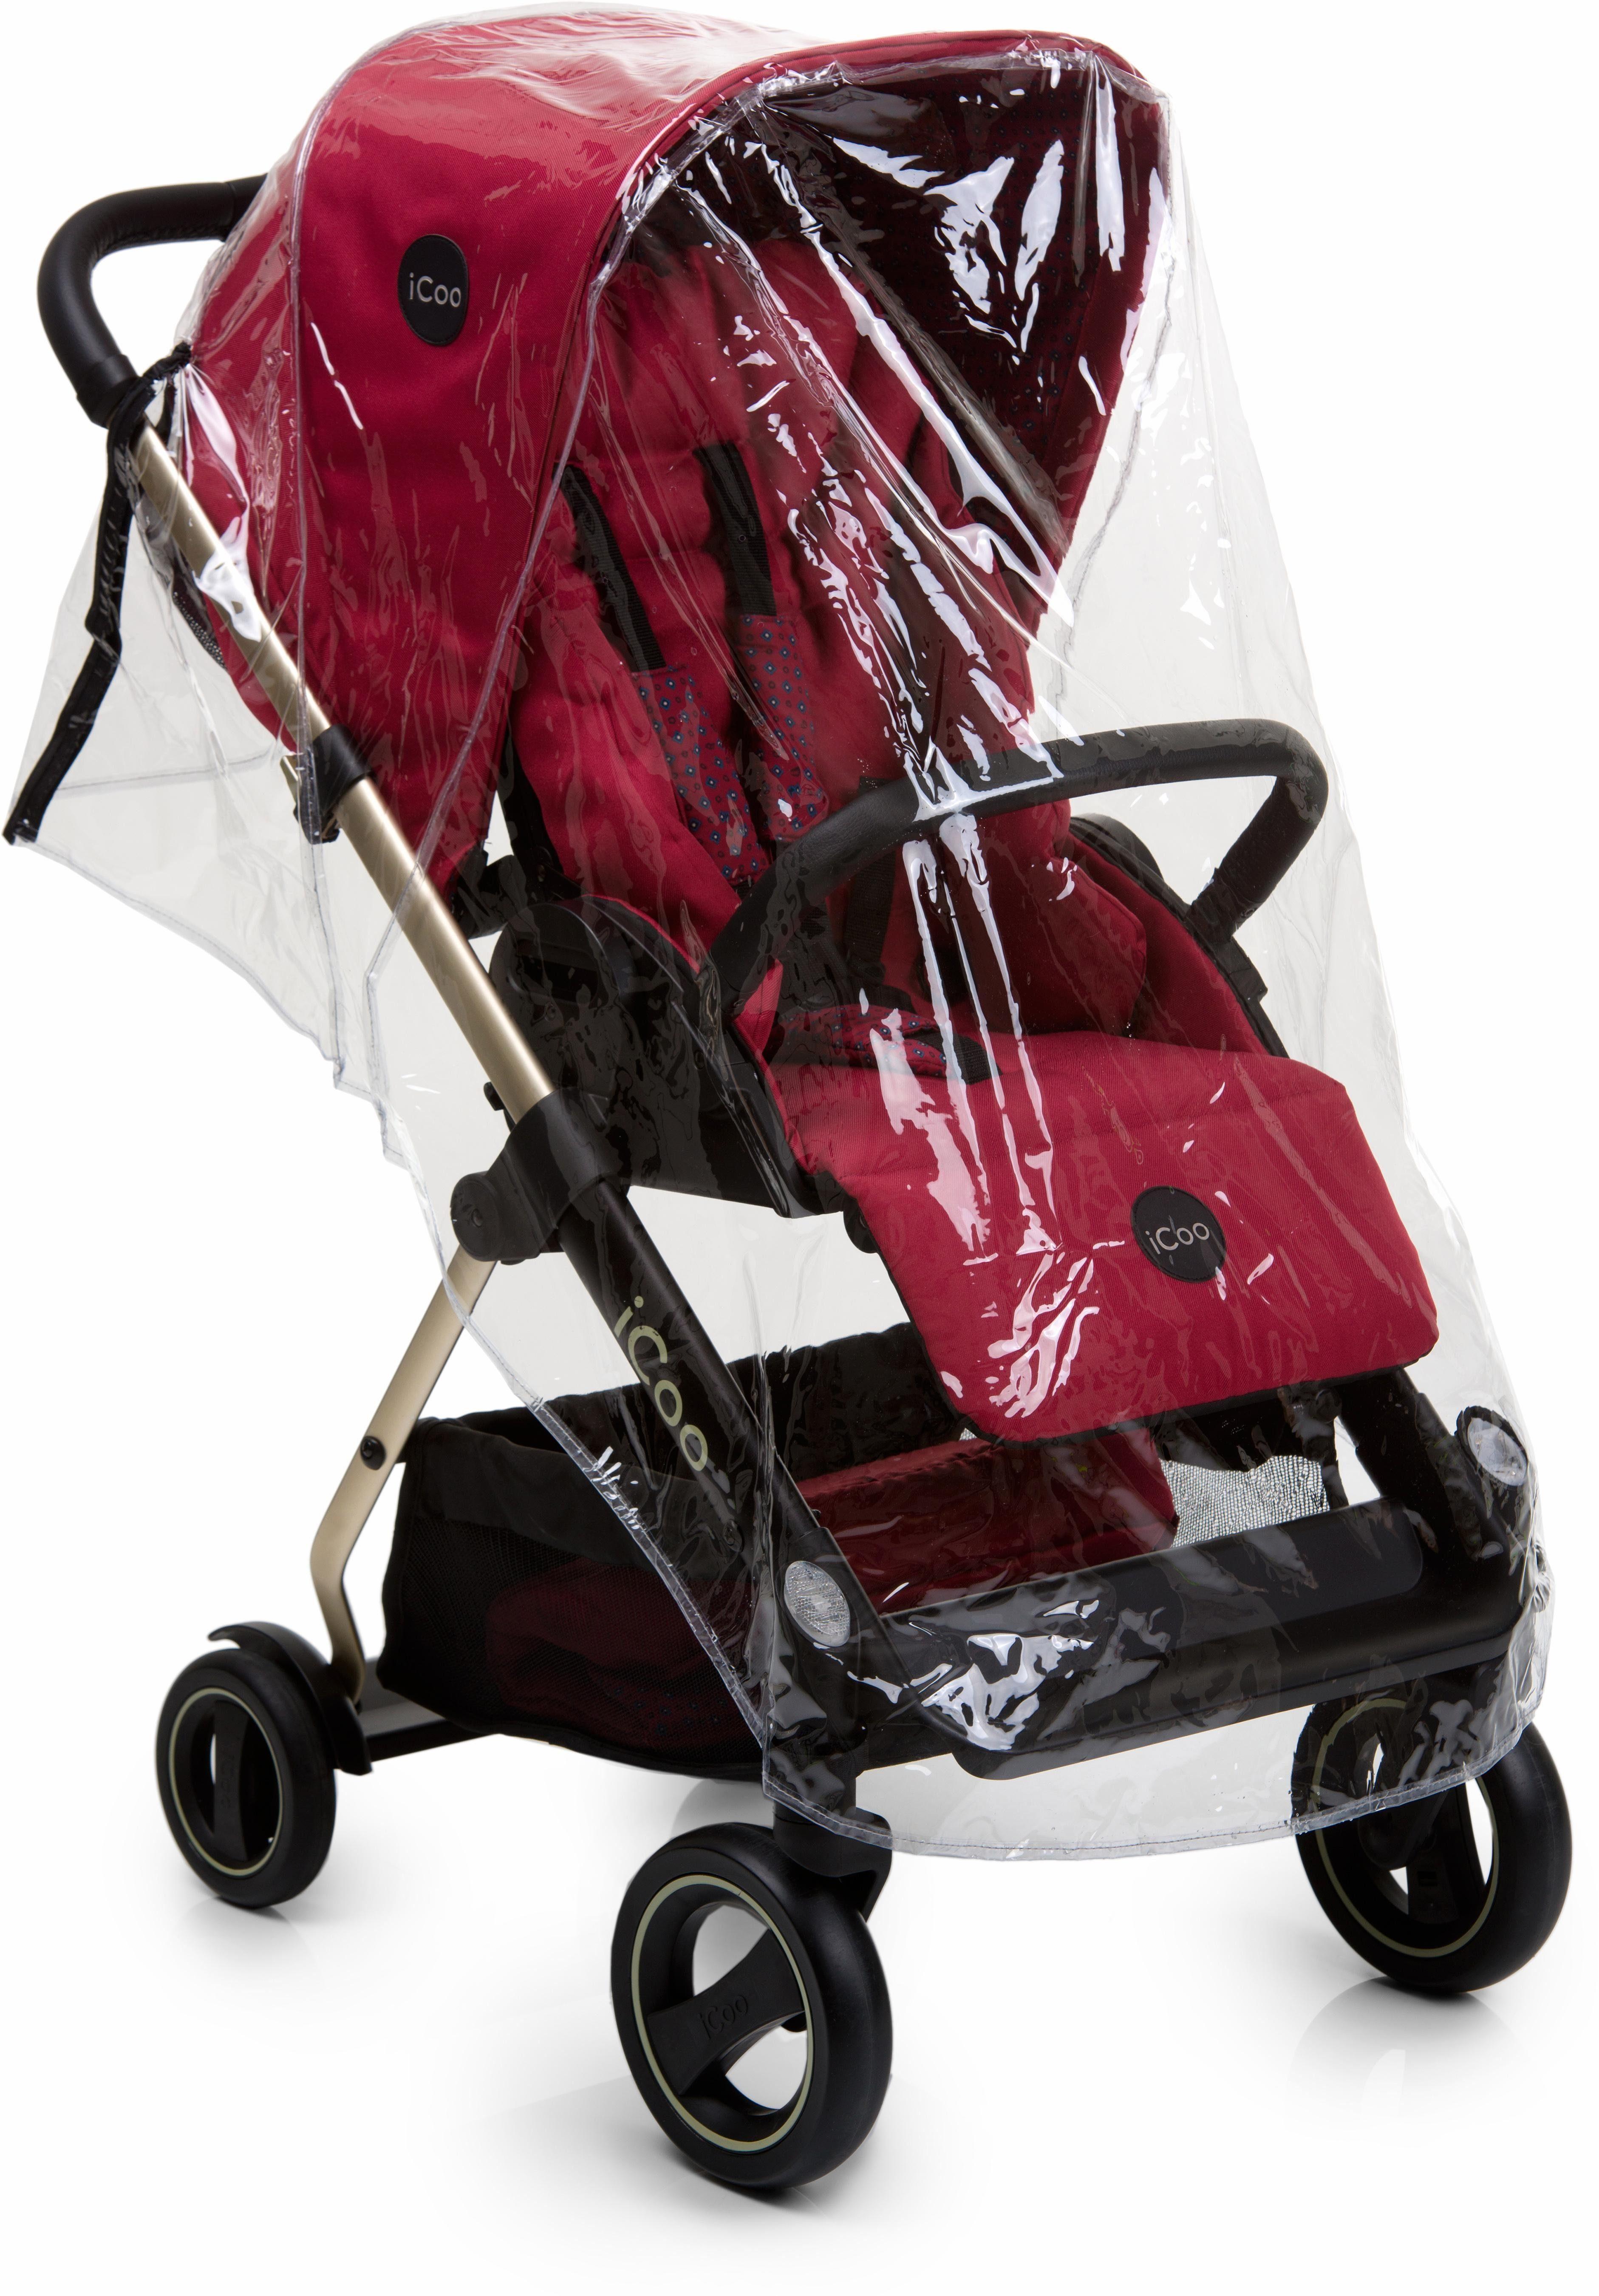 iCoo Regenverdeck für Kinderwagen, »Raincover Acrobat XL«